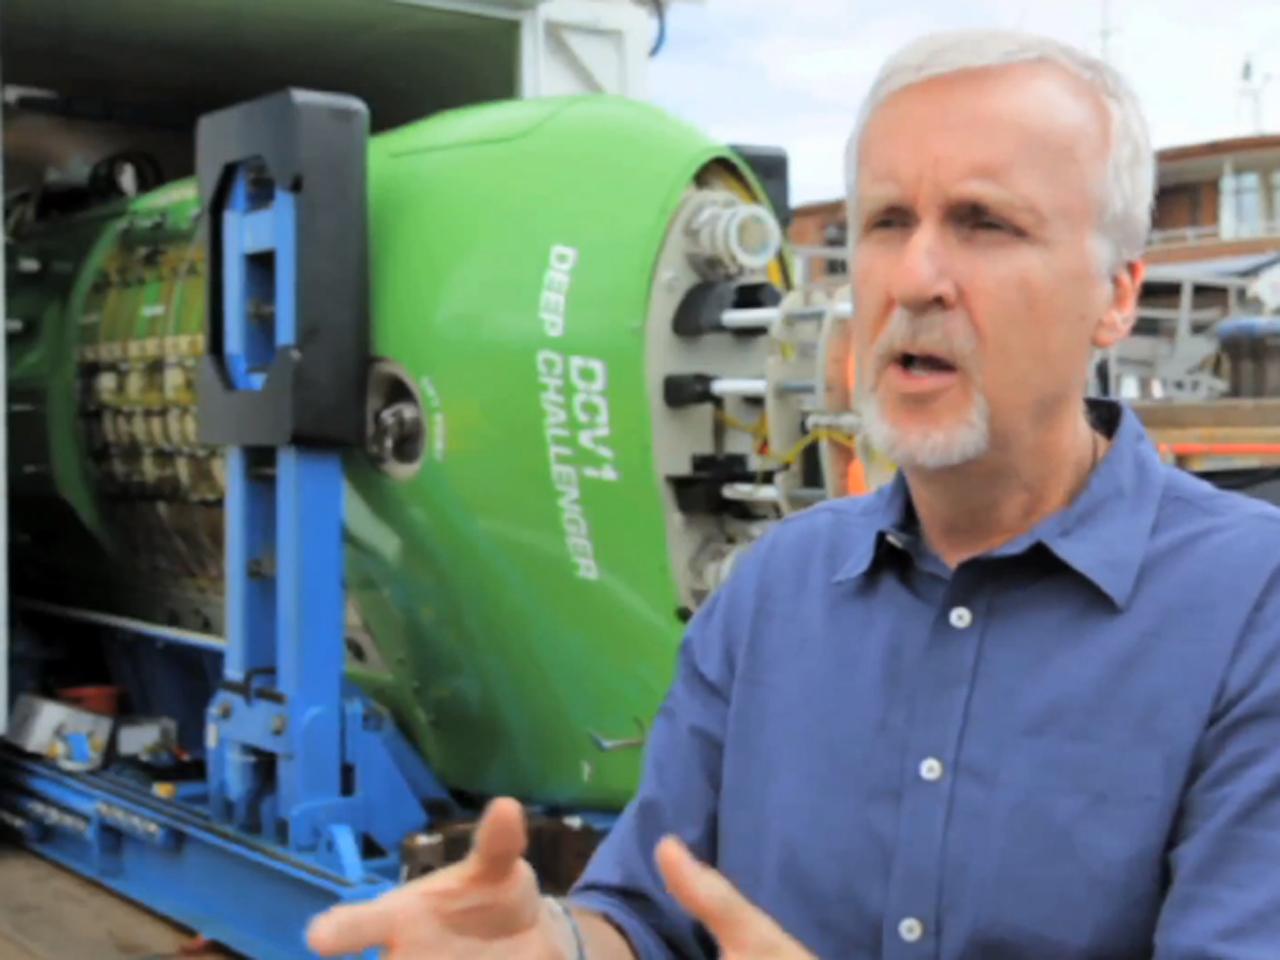 James Cameron reaches record 7-mile ocean depth - CBS News